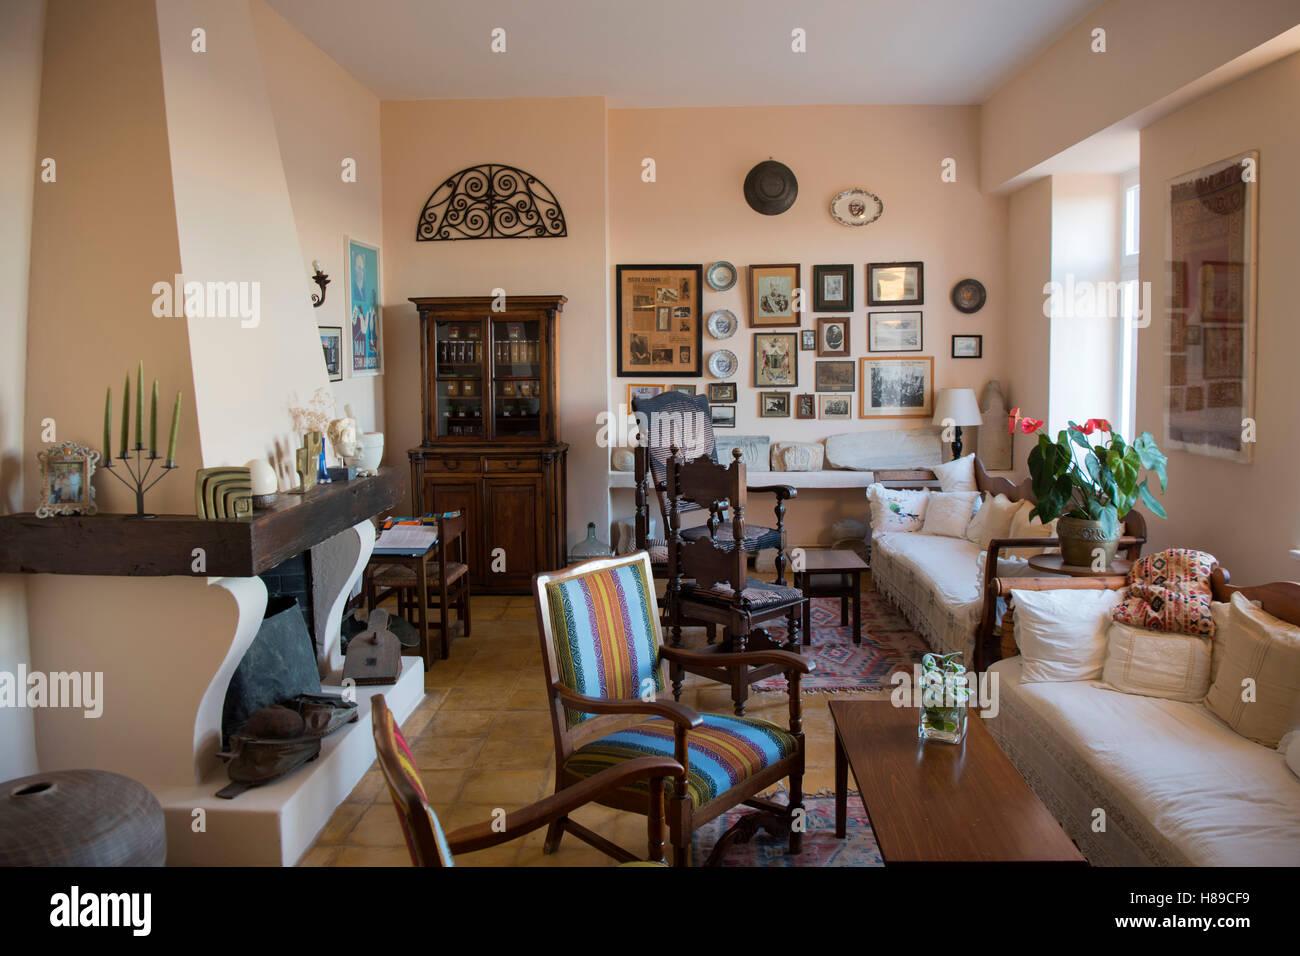 Griechenland, Kreta, Chania, Lobby im Hotel Doma. Das Herrenhaus im klassizistischen Stil war einmal Britische Botschaft, - Stock Image